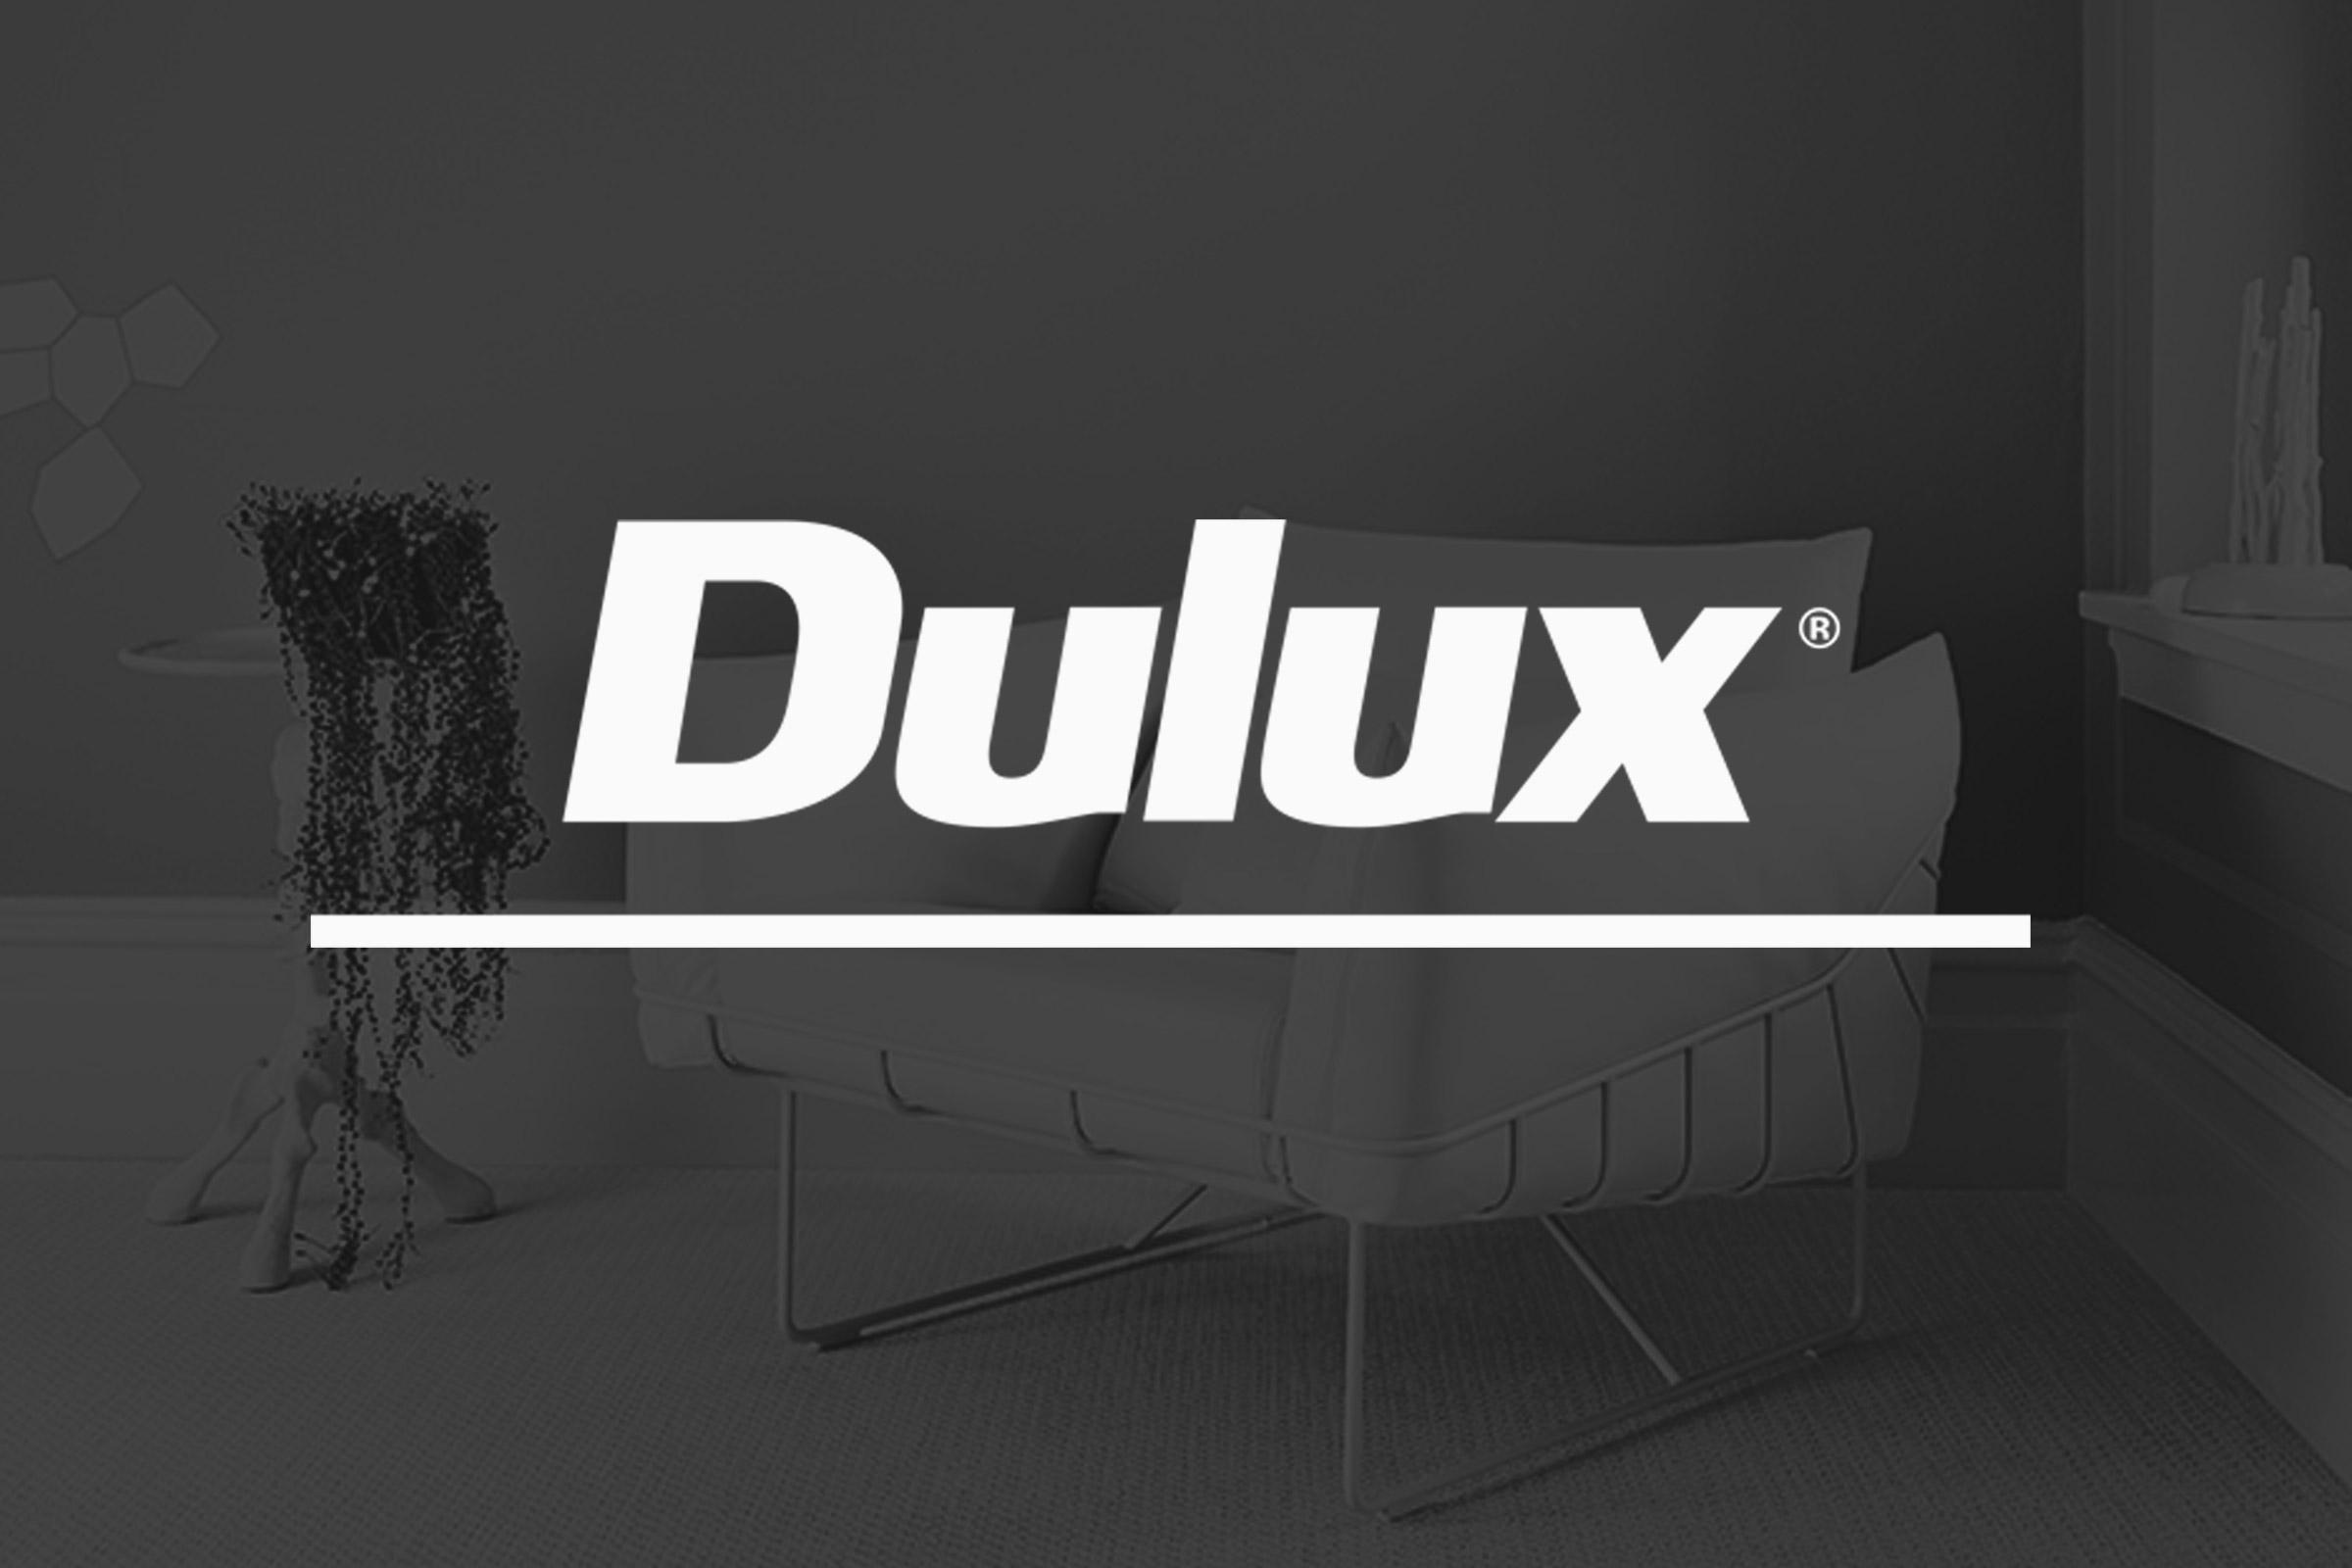 spex-Dulux@2x